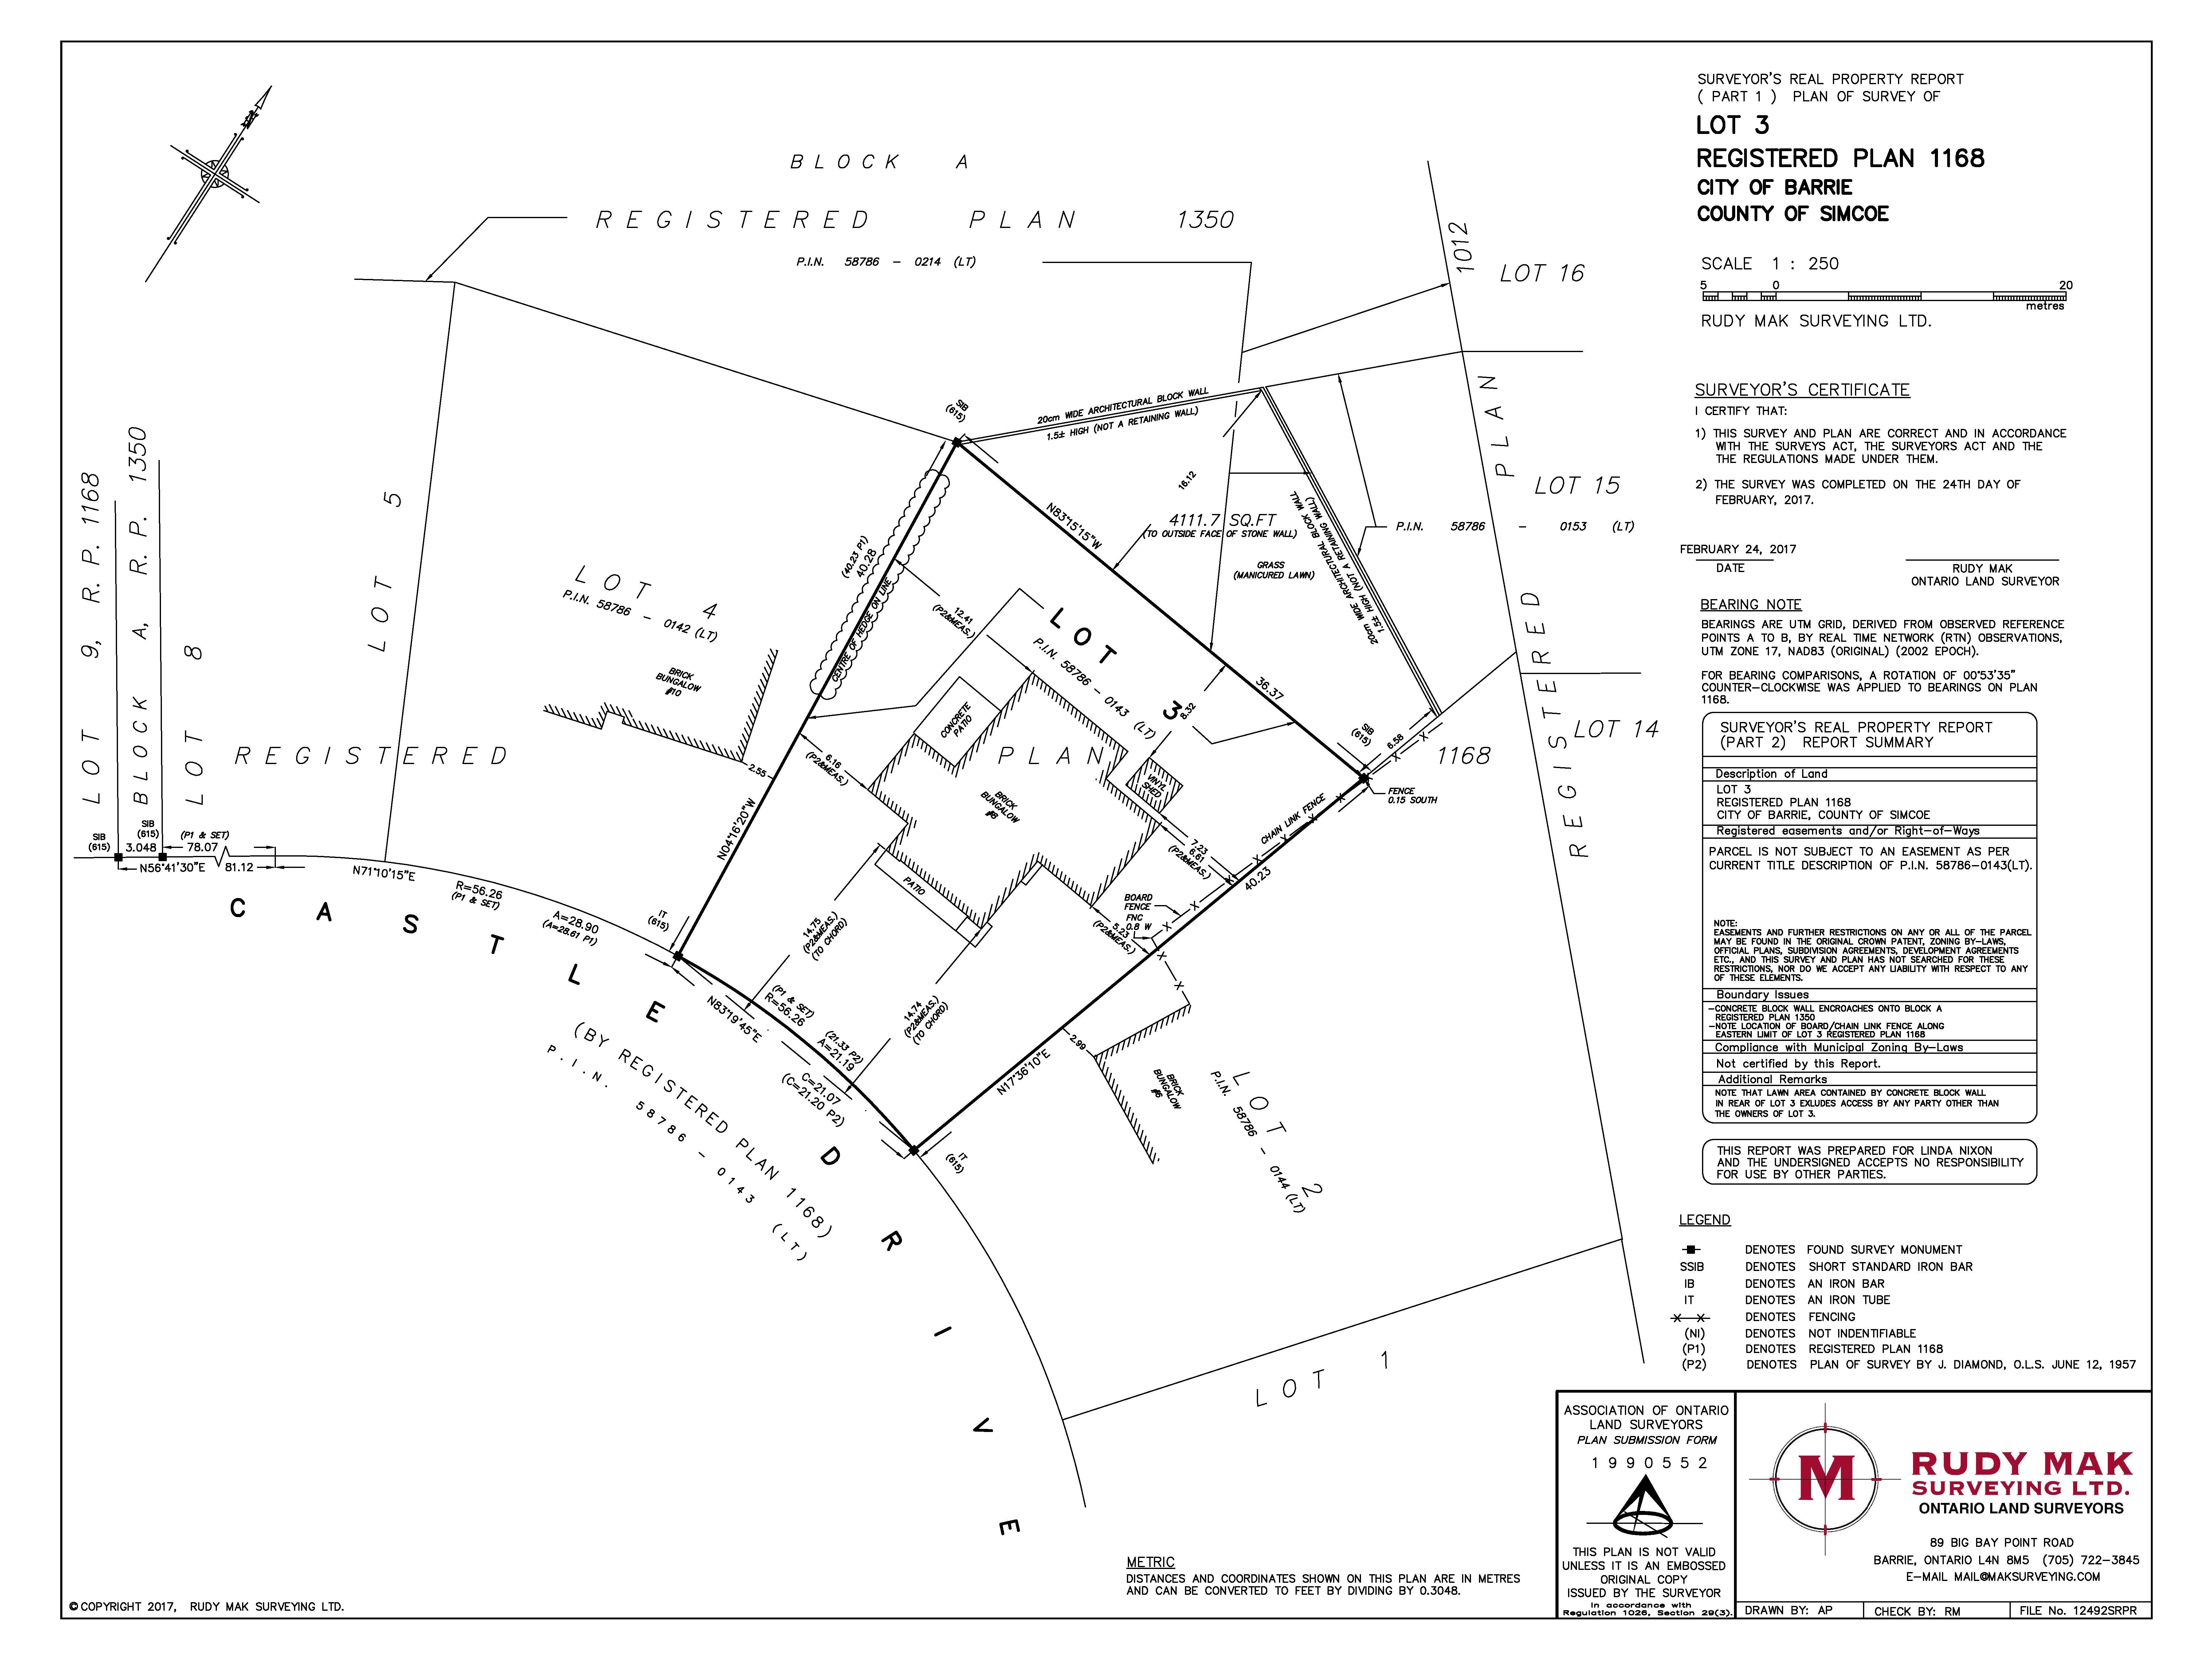 7200x5400 Rudy Mak Surveying Ltd. Legal Surveys